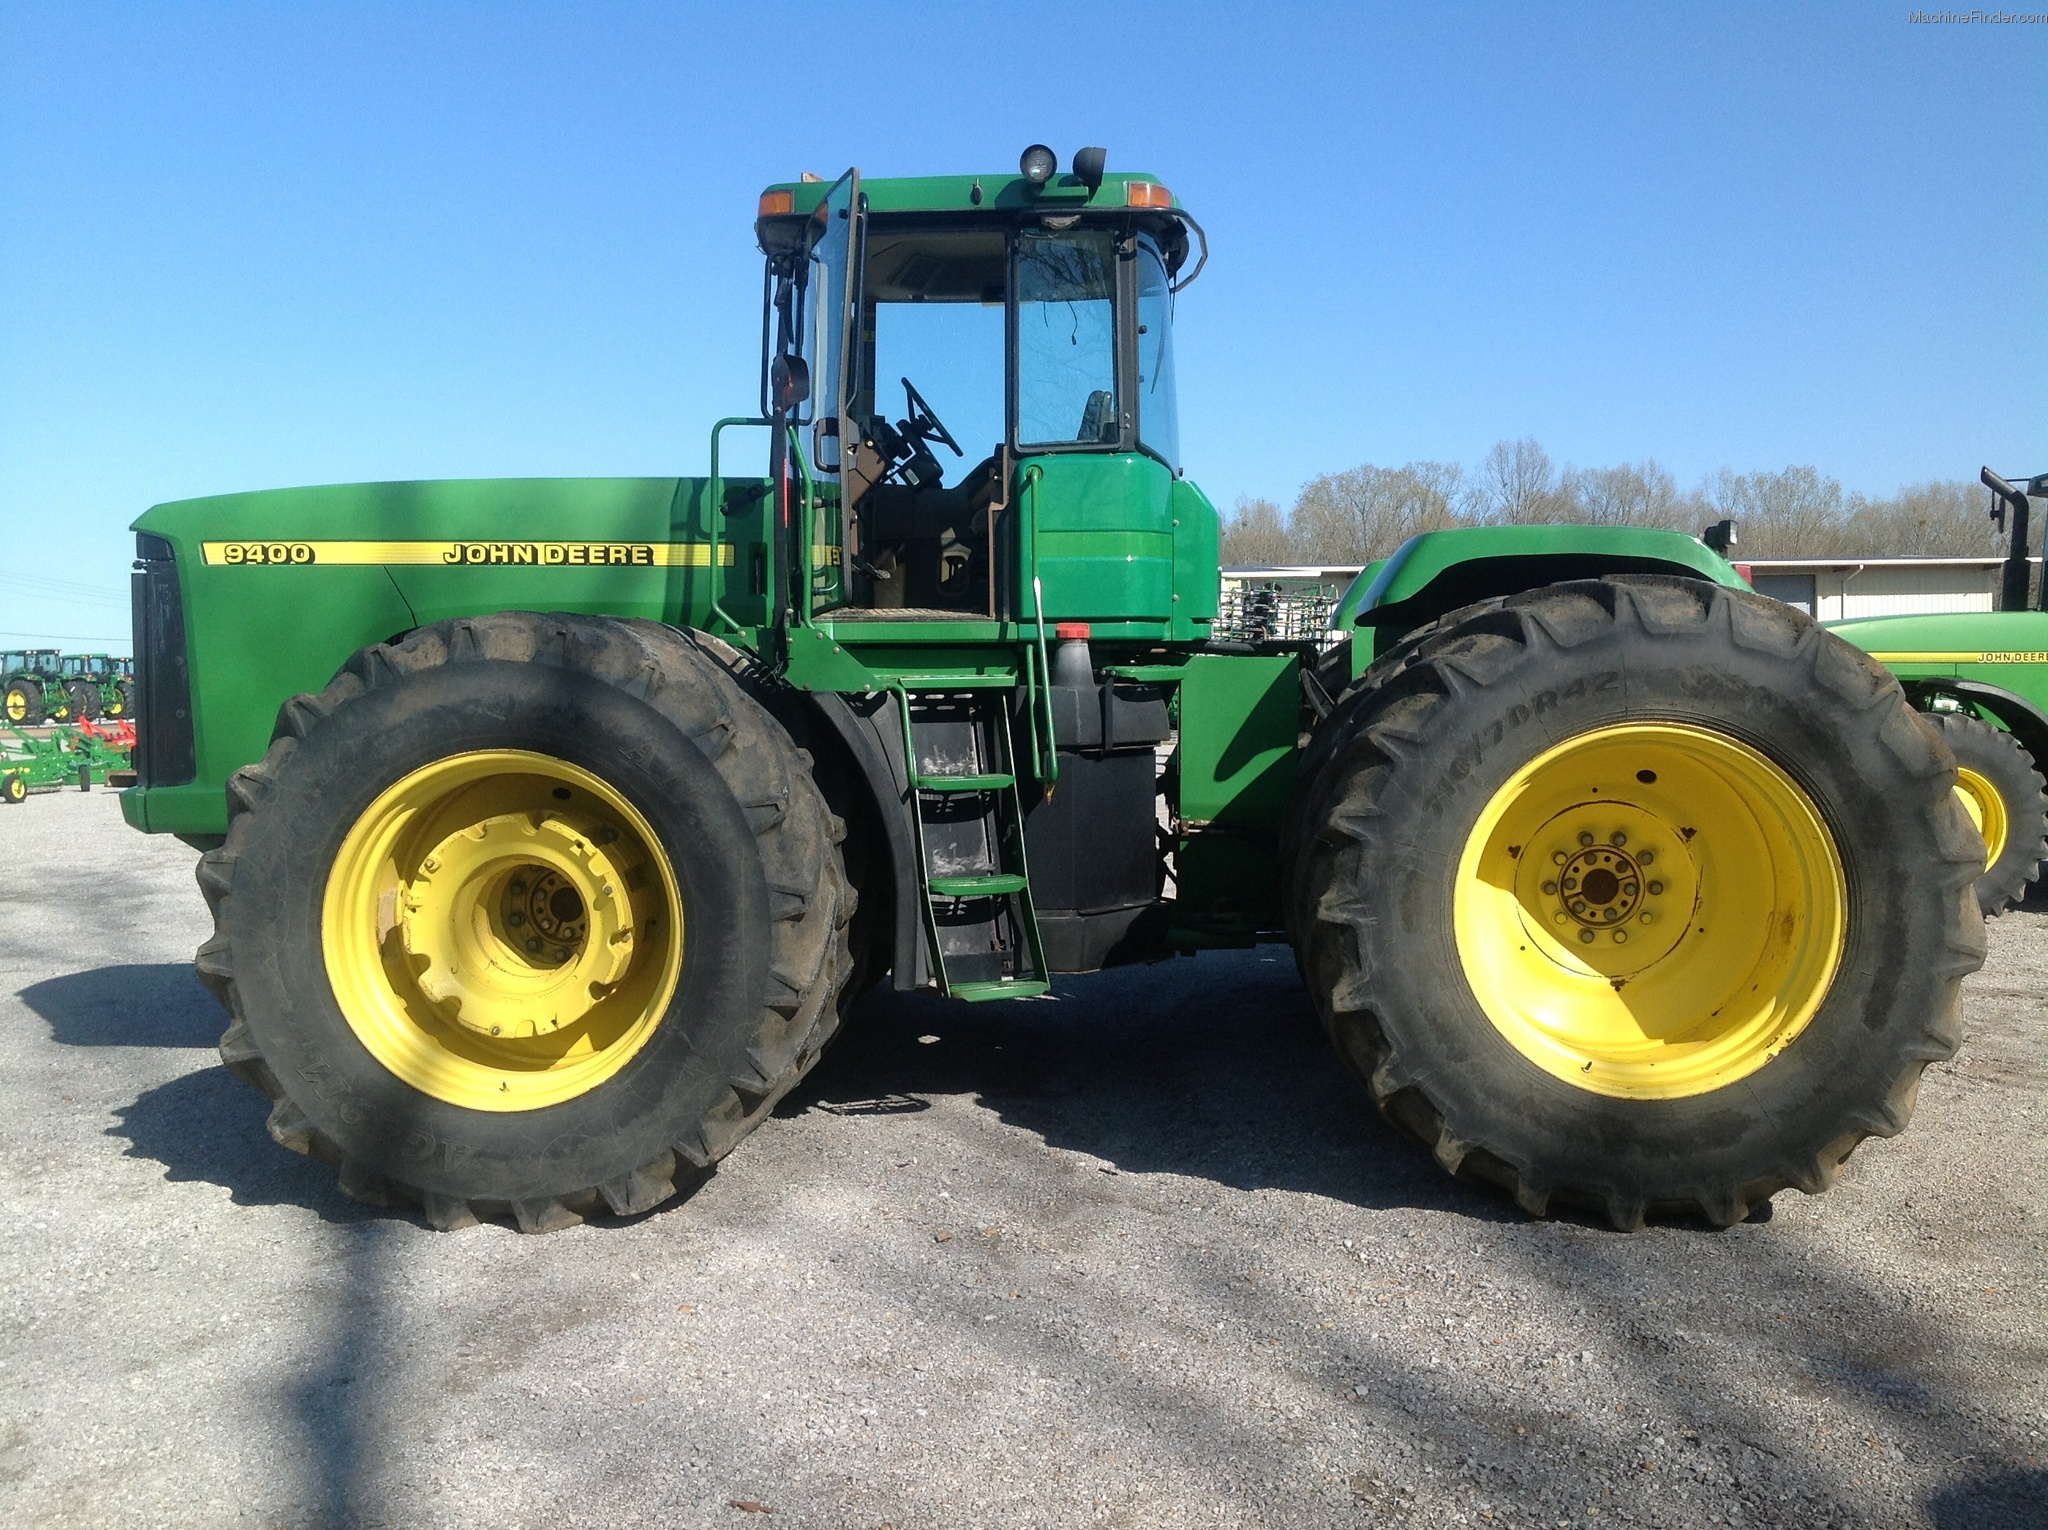 2001 John Deere 9400 Tractors - Articulated 4WD - John ...